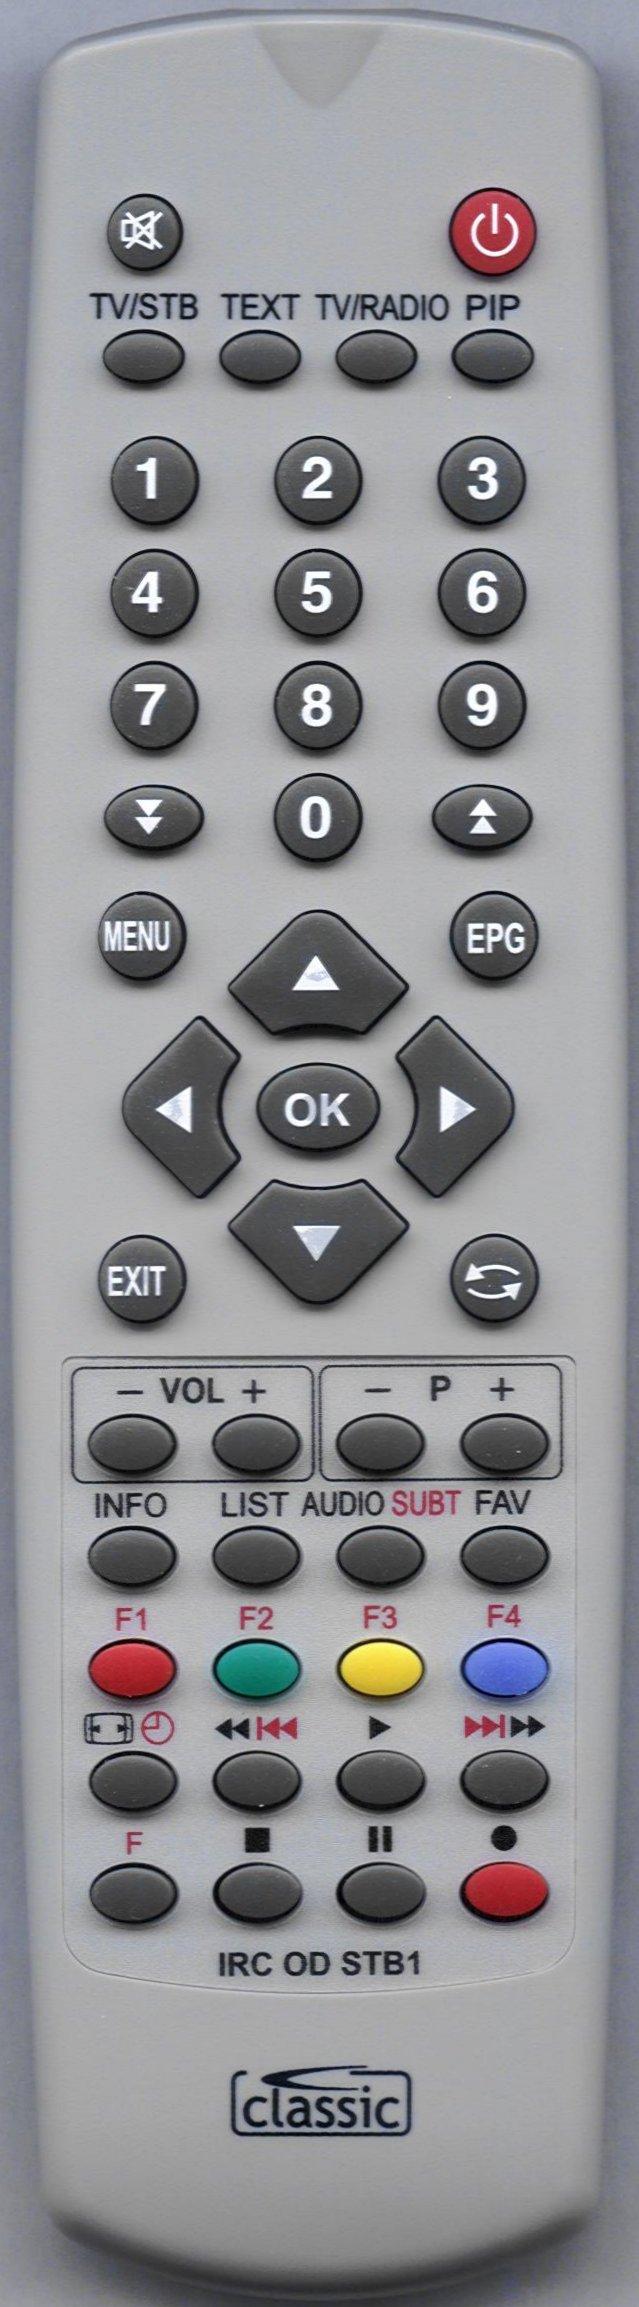 Topfield TF3000CIPPRO Remote Control